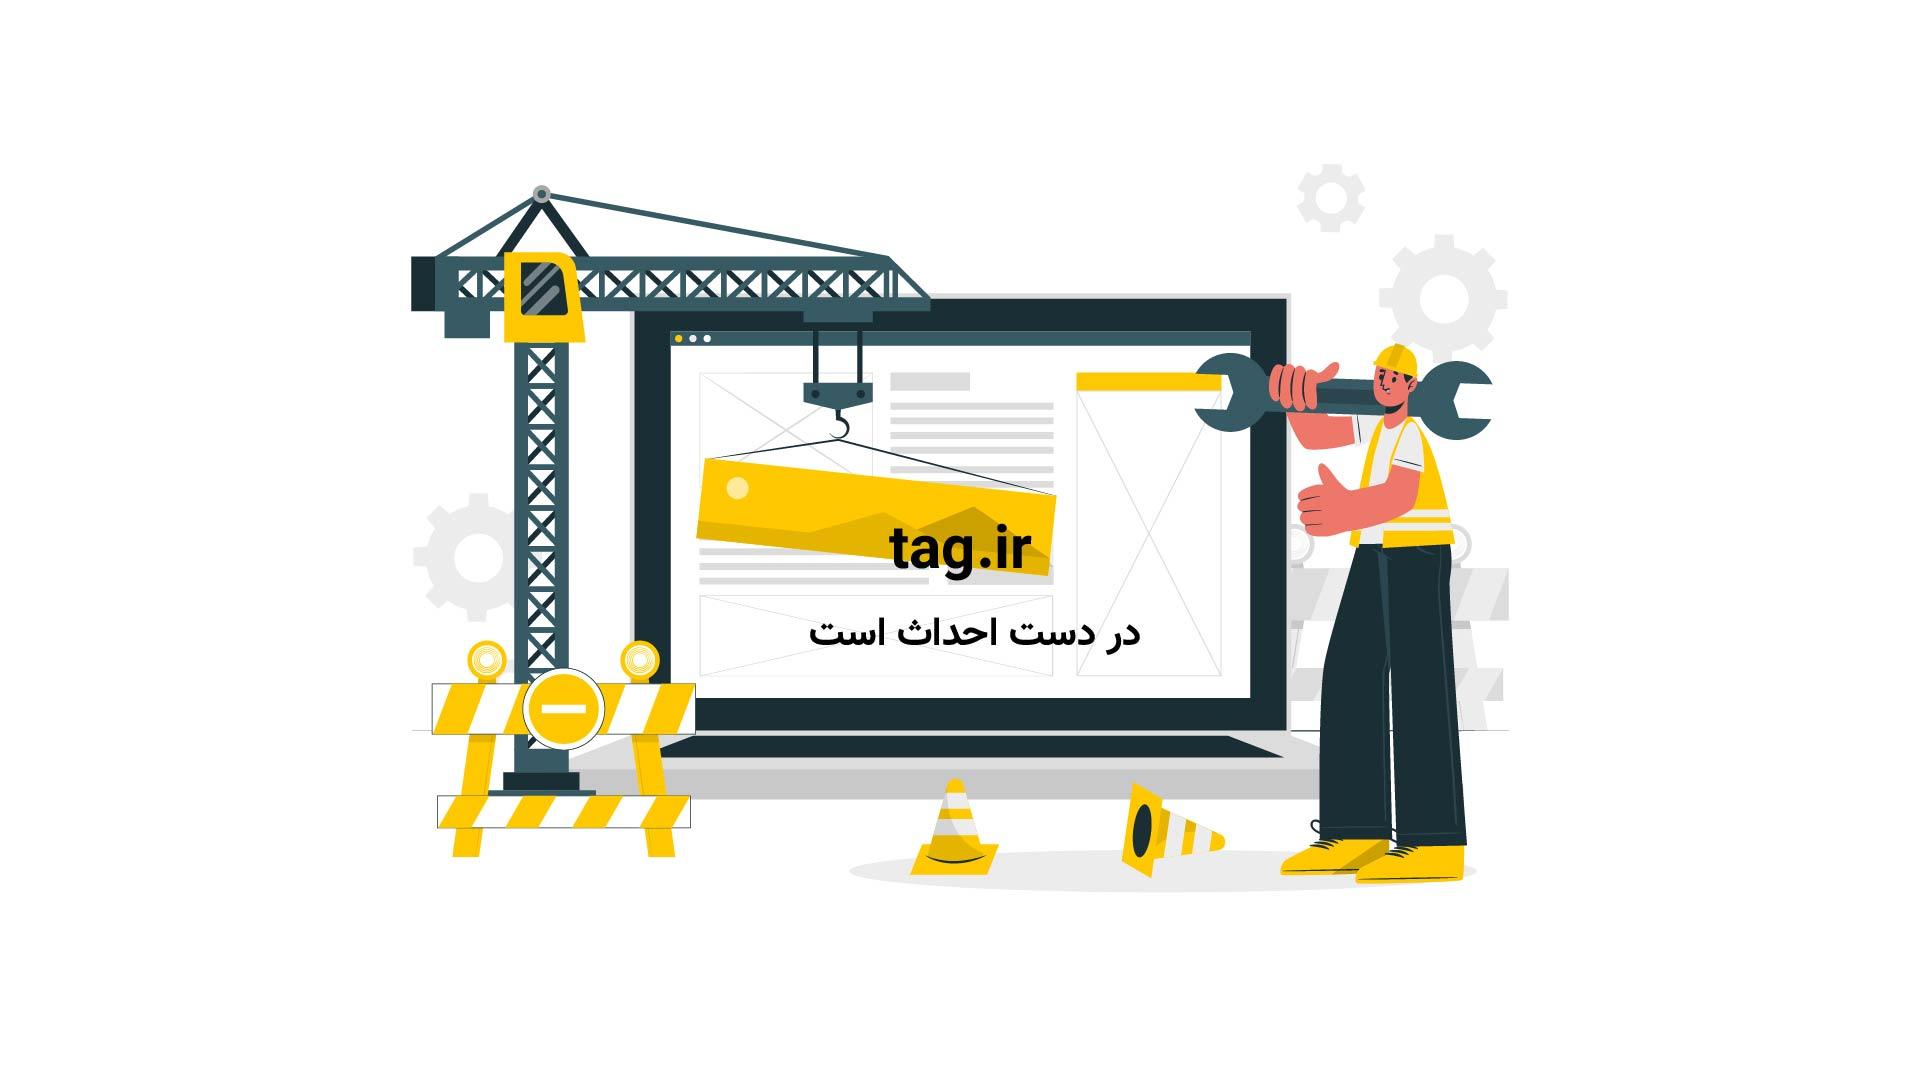 تزیینات کریسمس | تگ